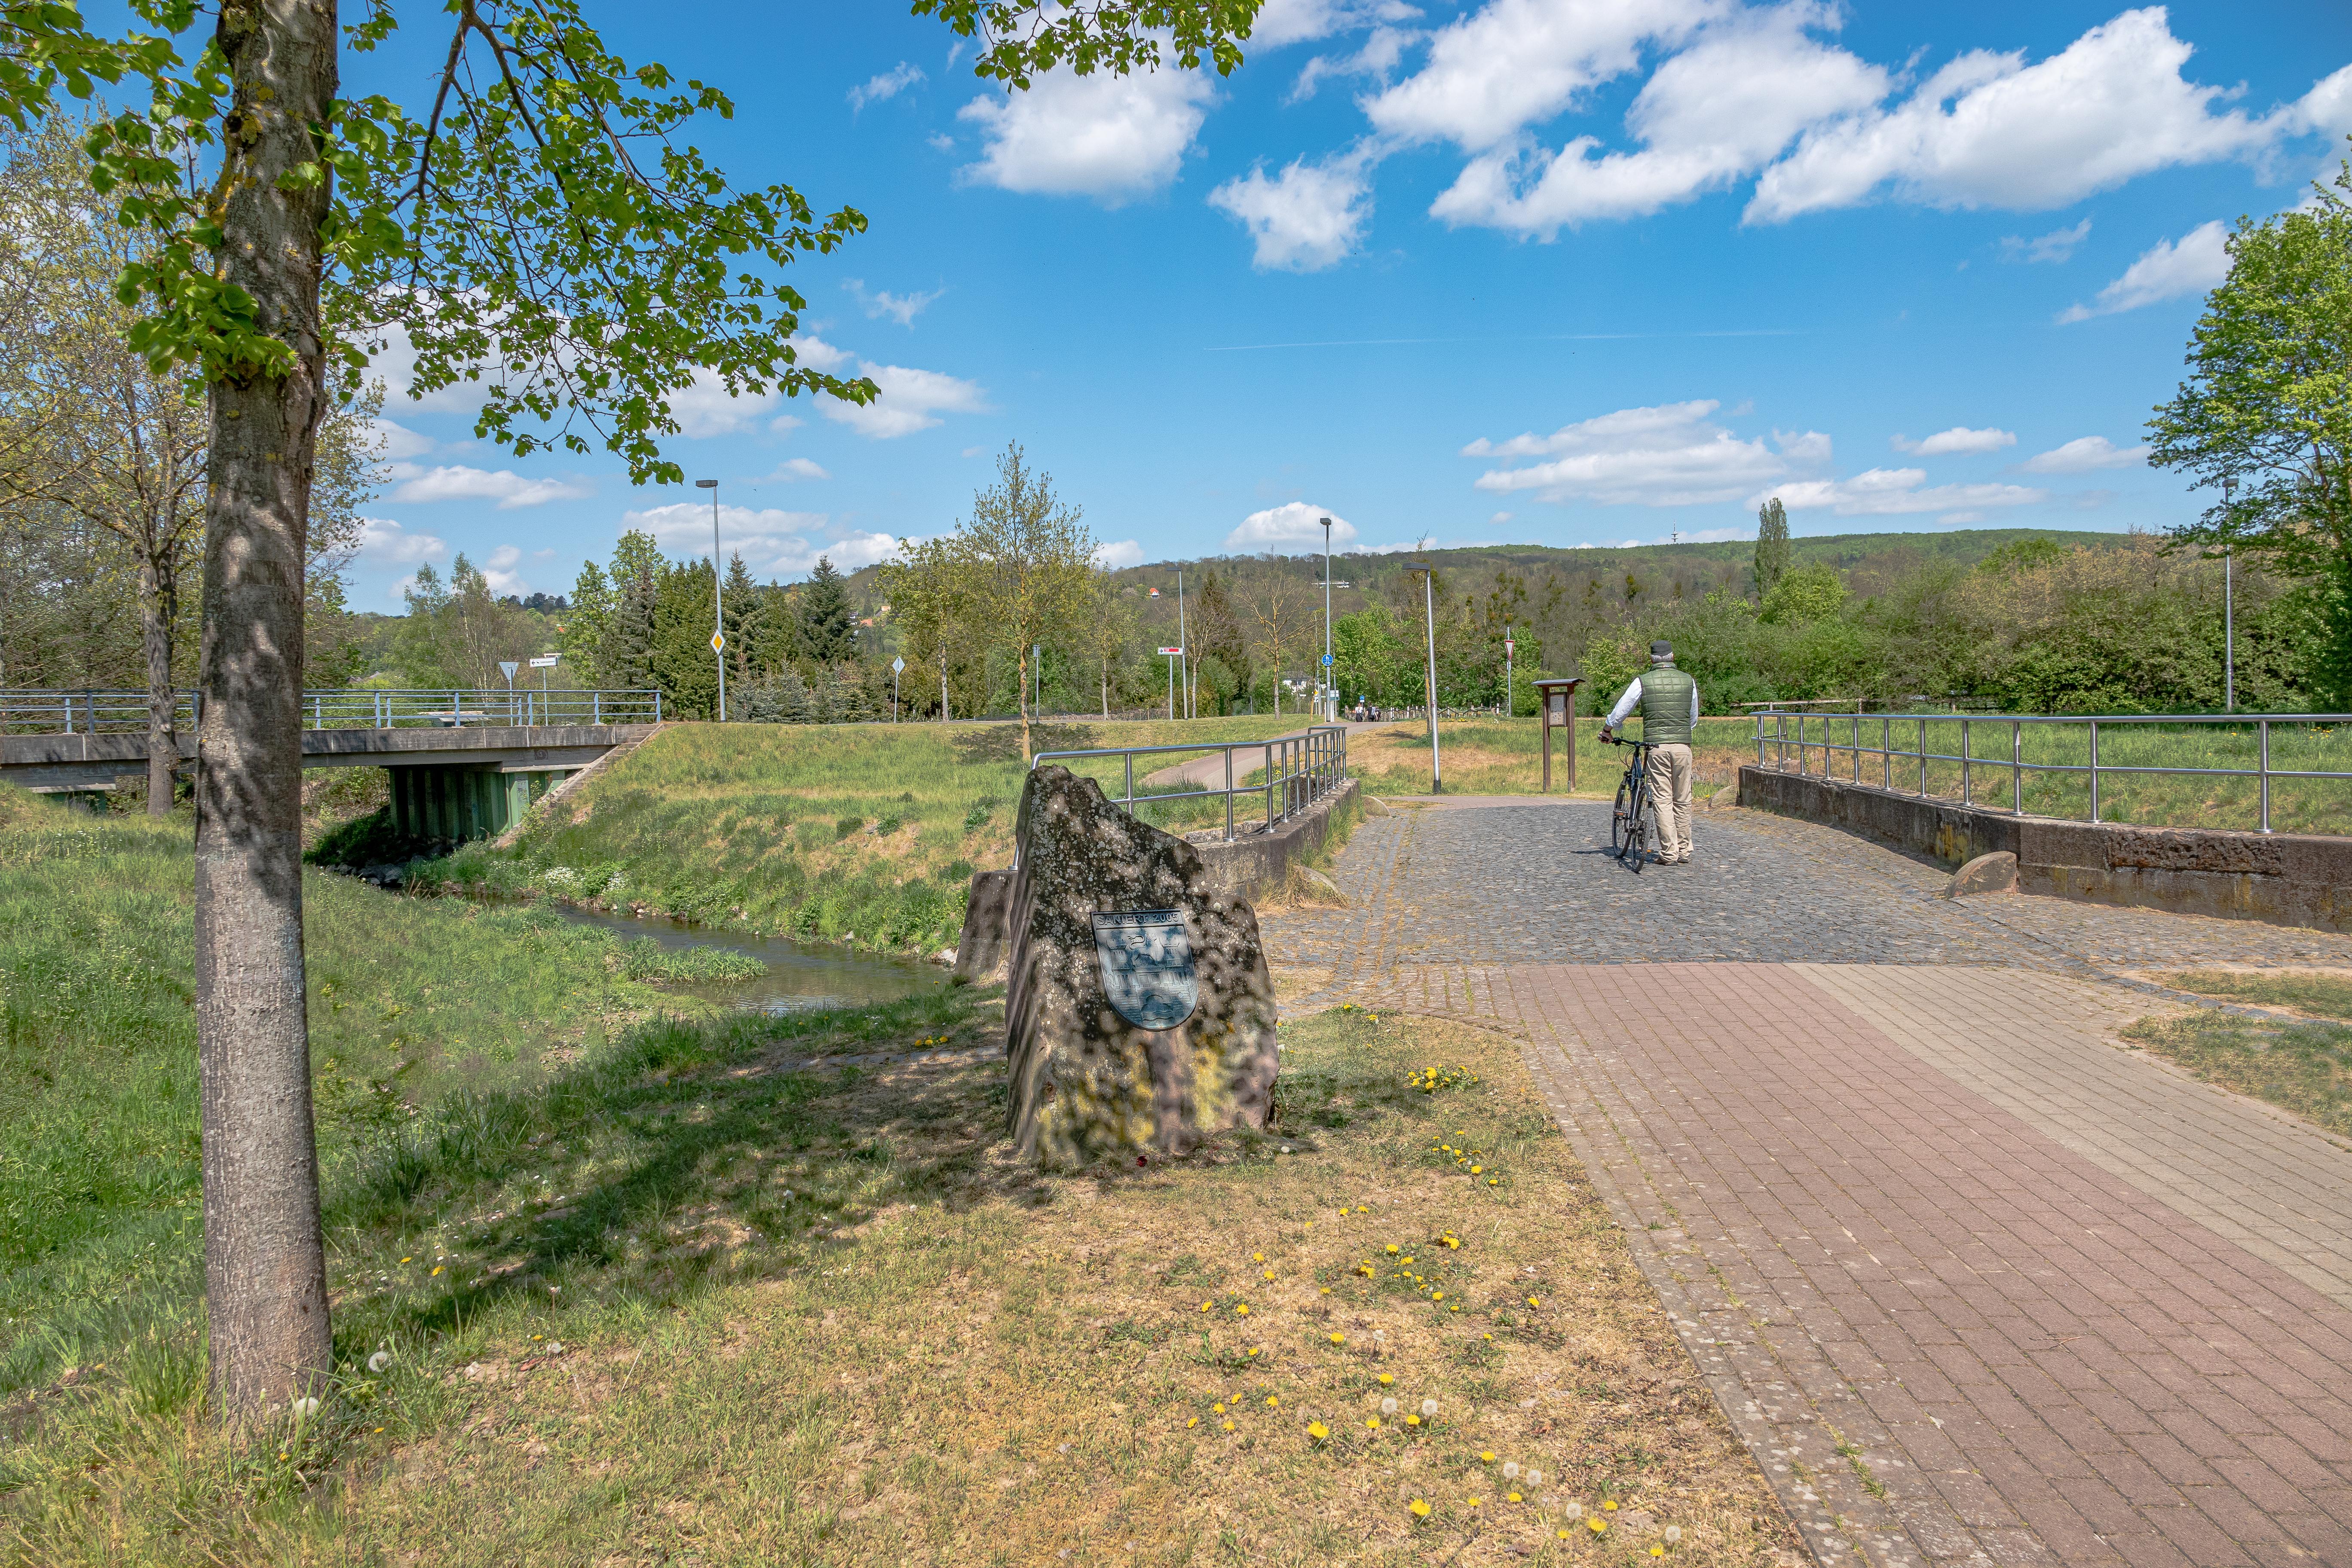 Brücke aus Buntsandstein- Startpunkt Rundweg Brücken und Grenzen